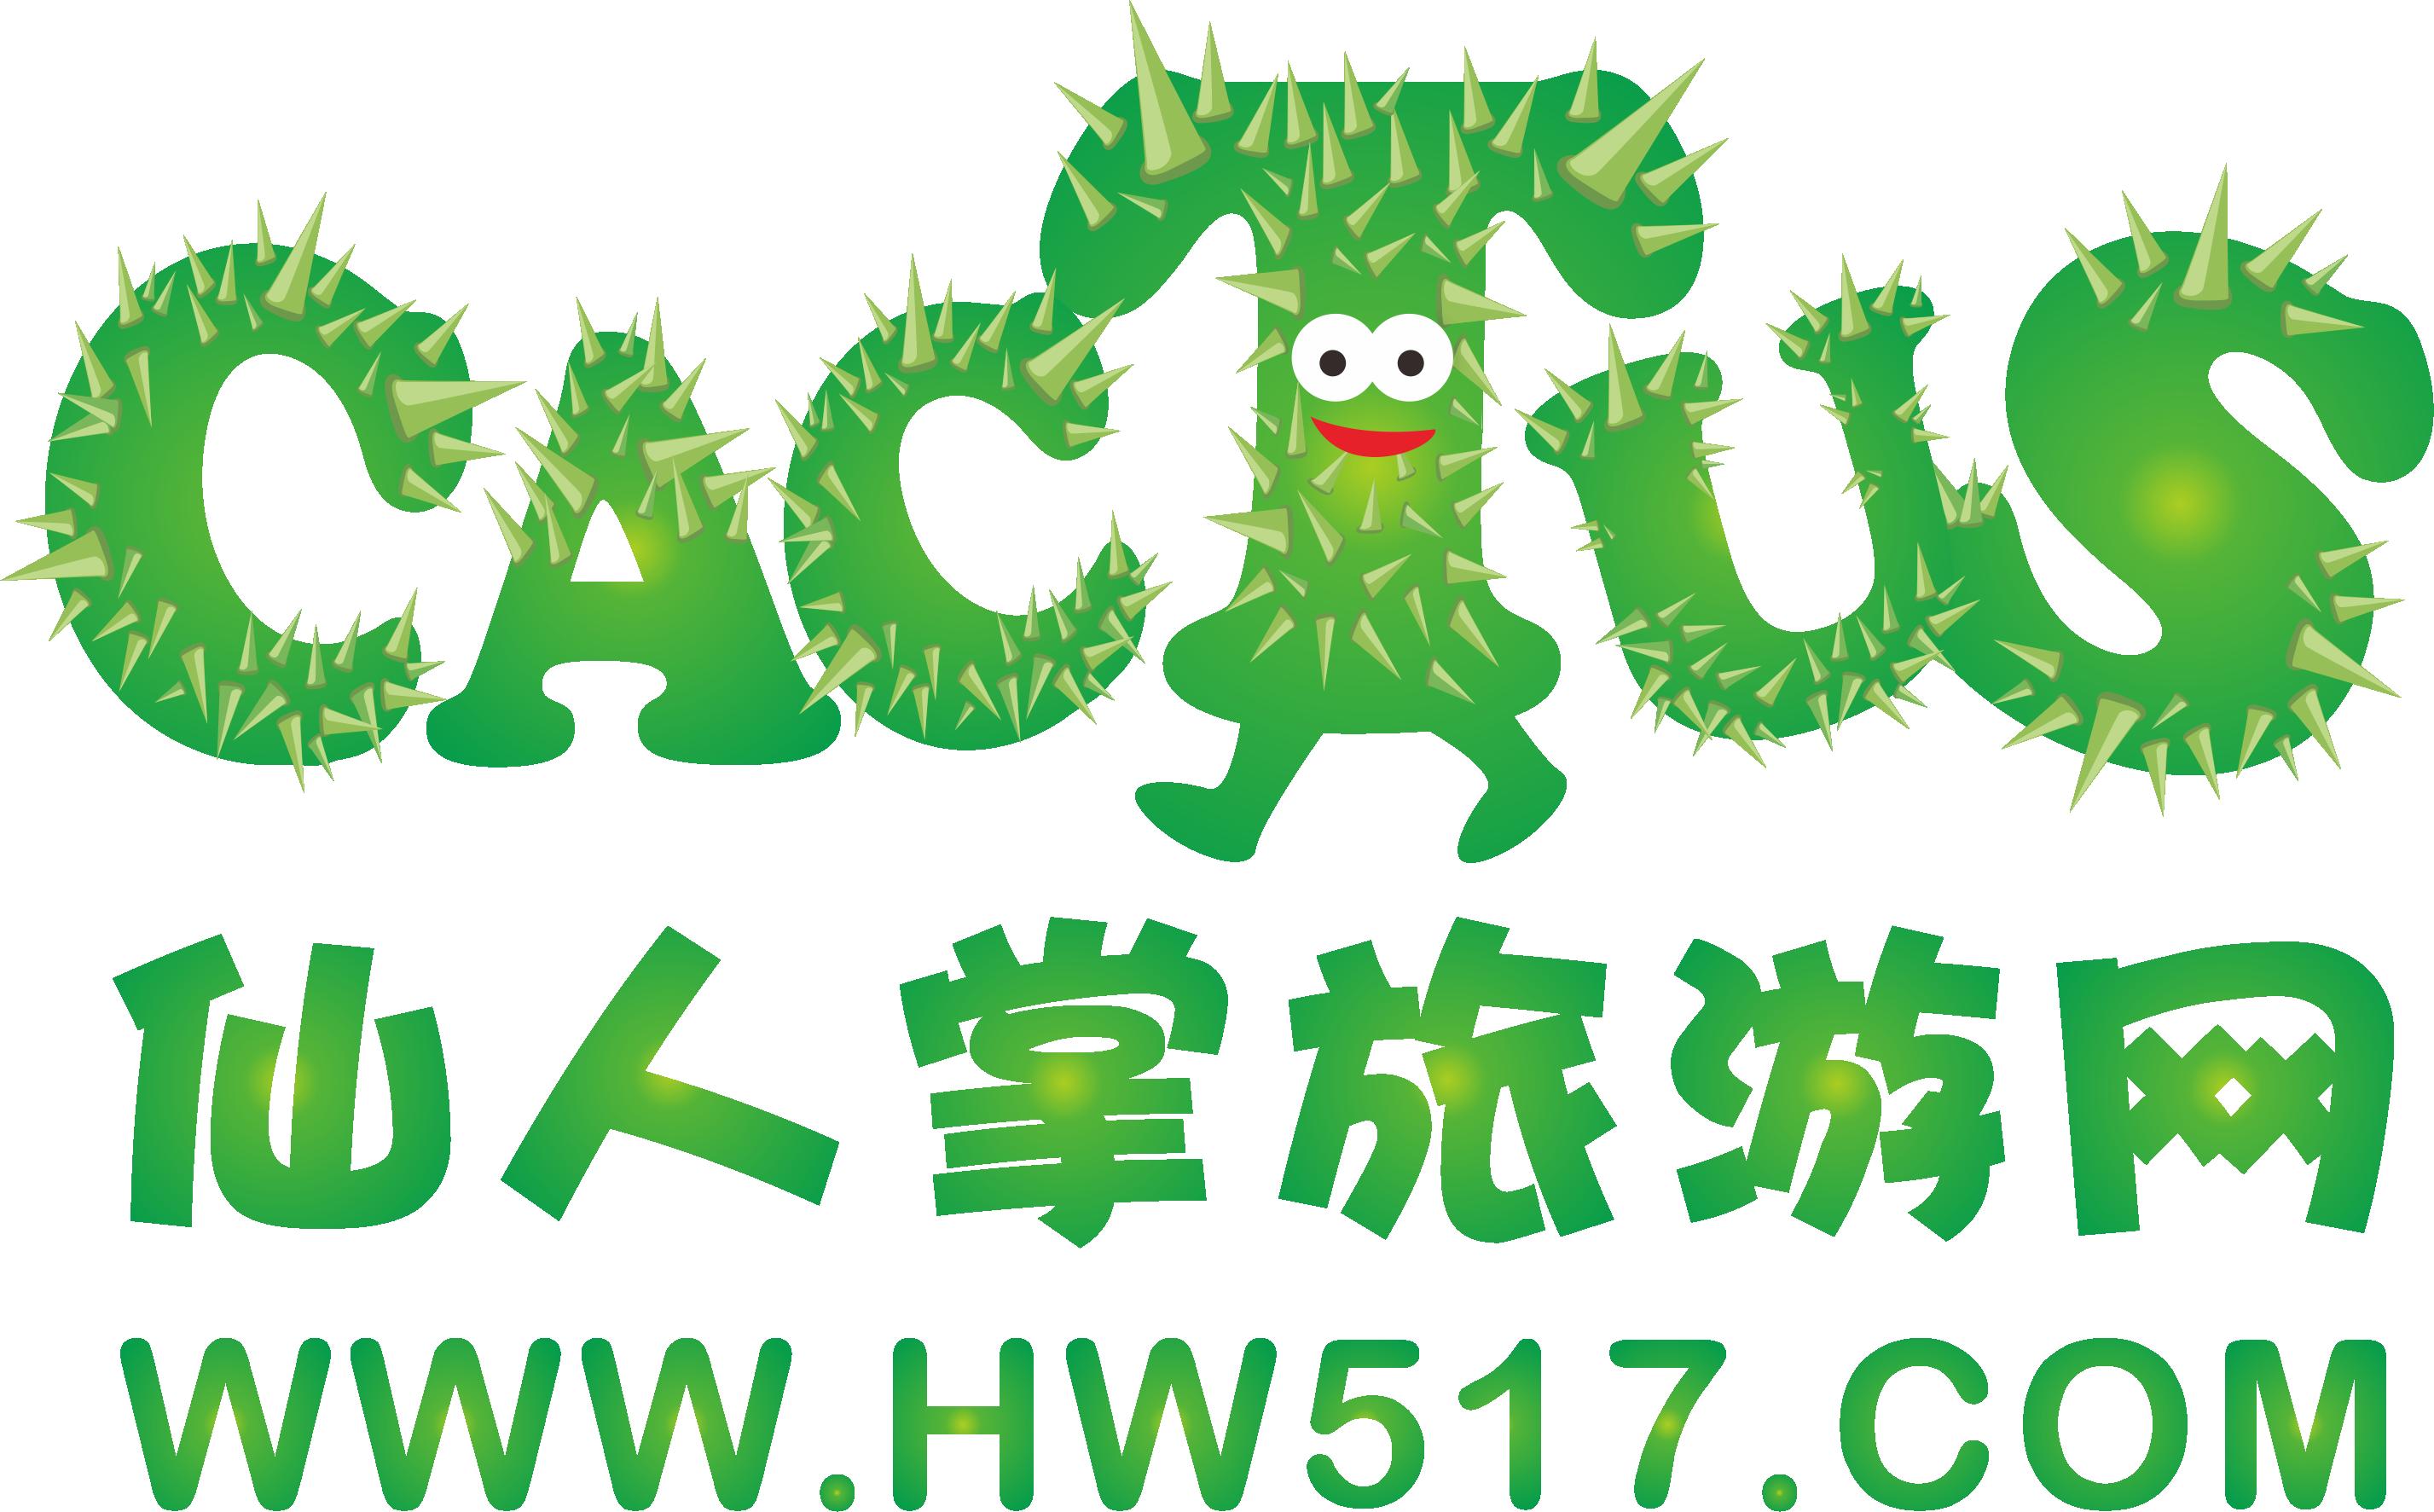 【仙人掌旅游】河南郑州、云台山、万仙山郭亮村、开封双高五日游